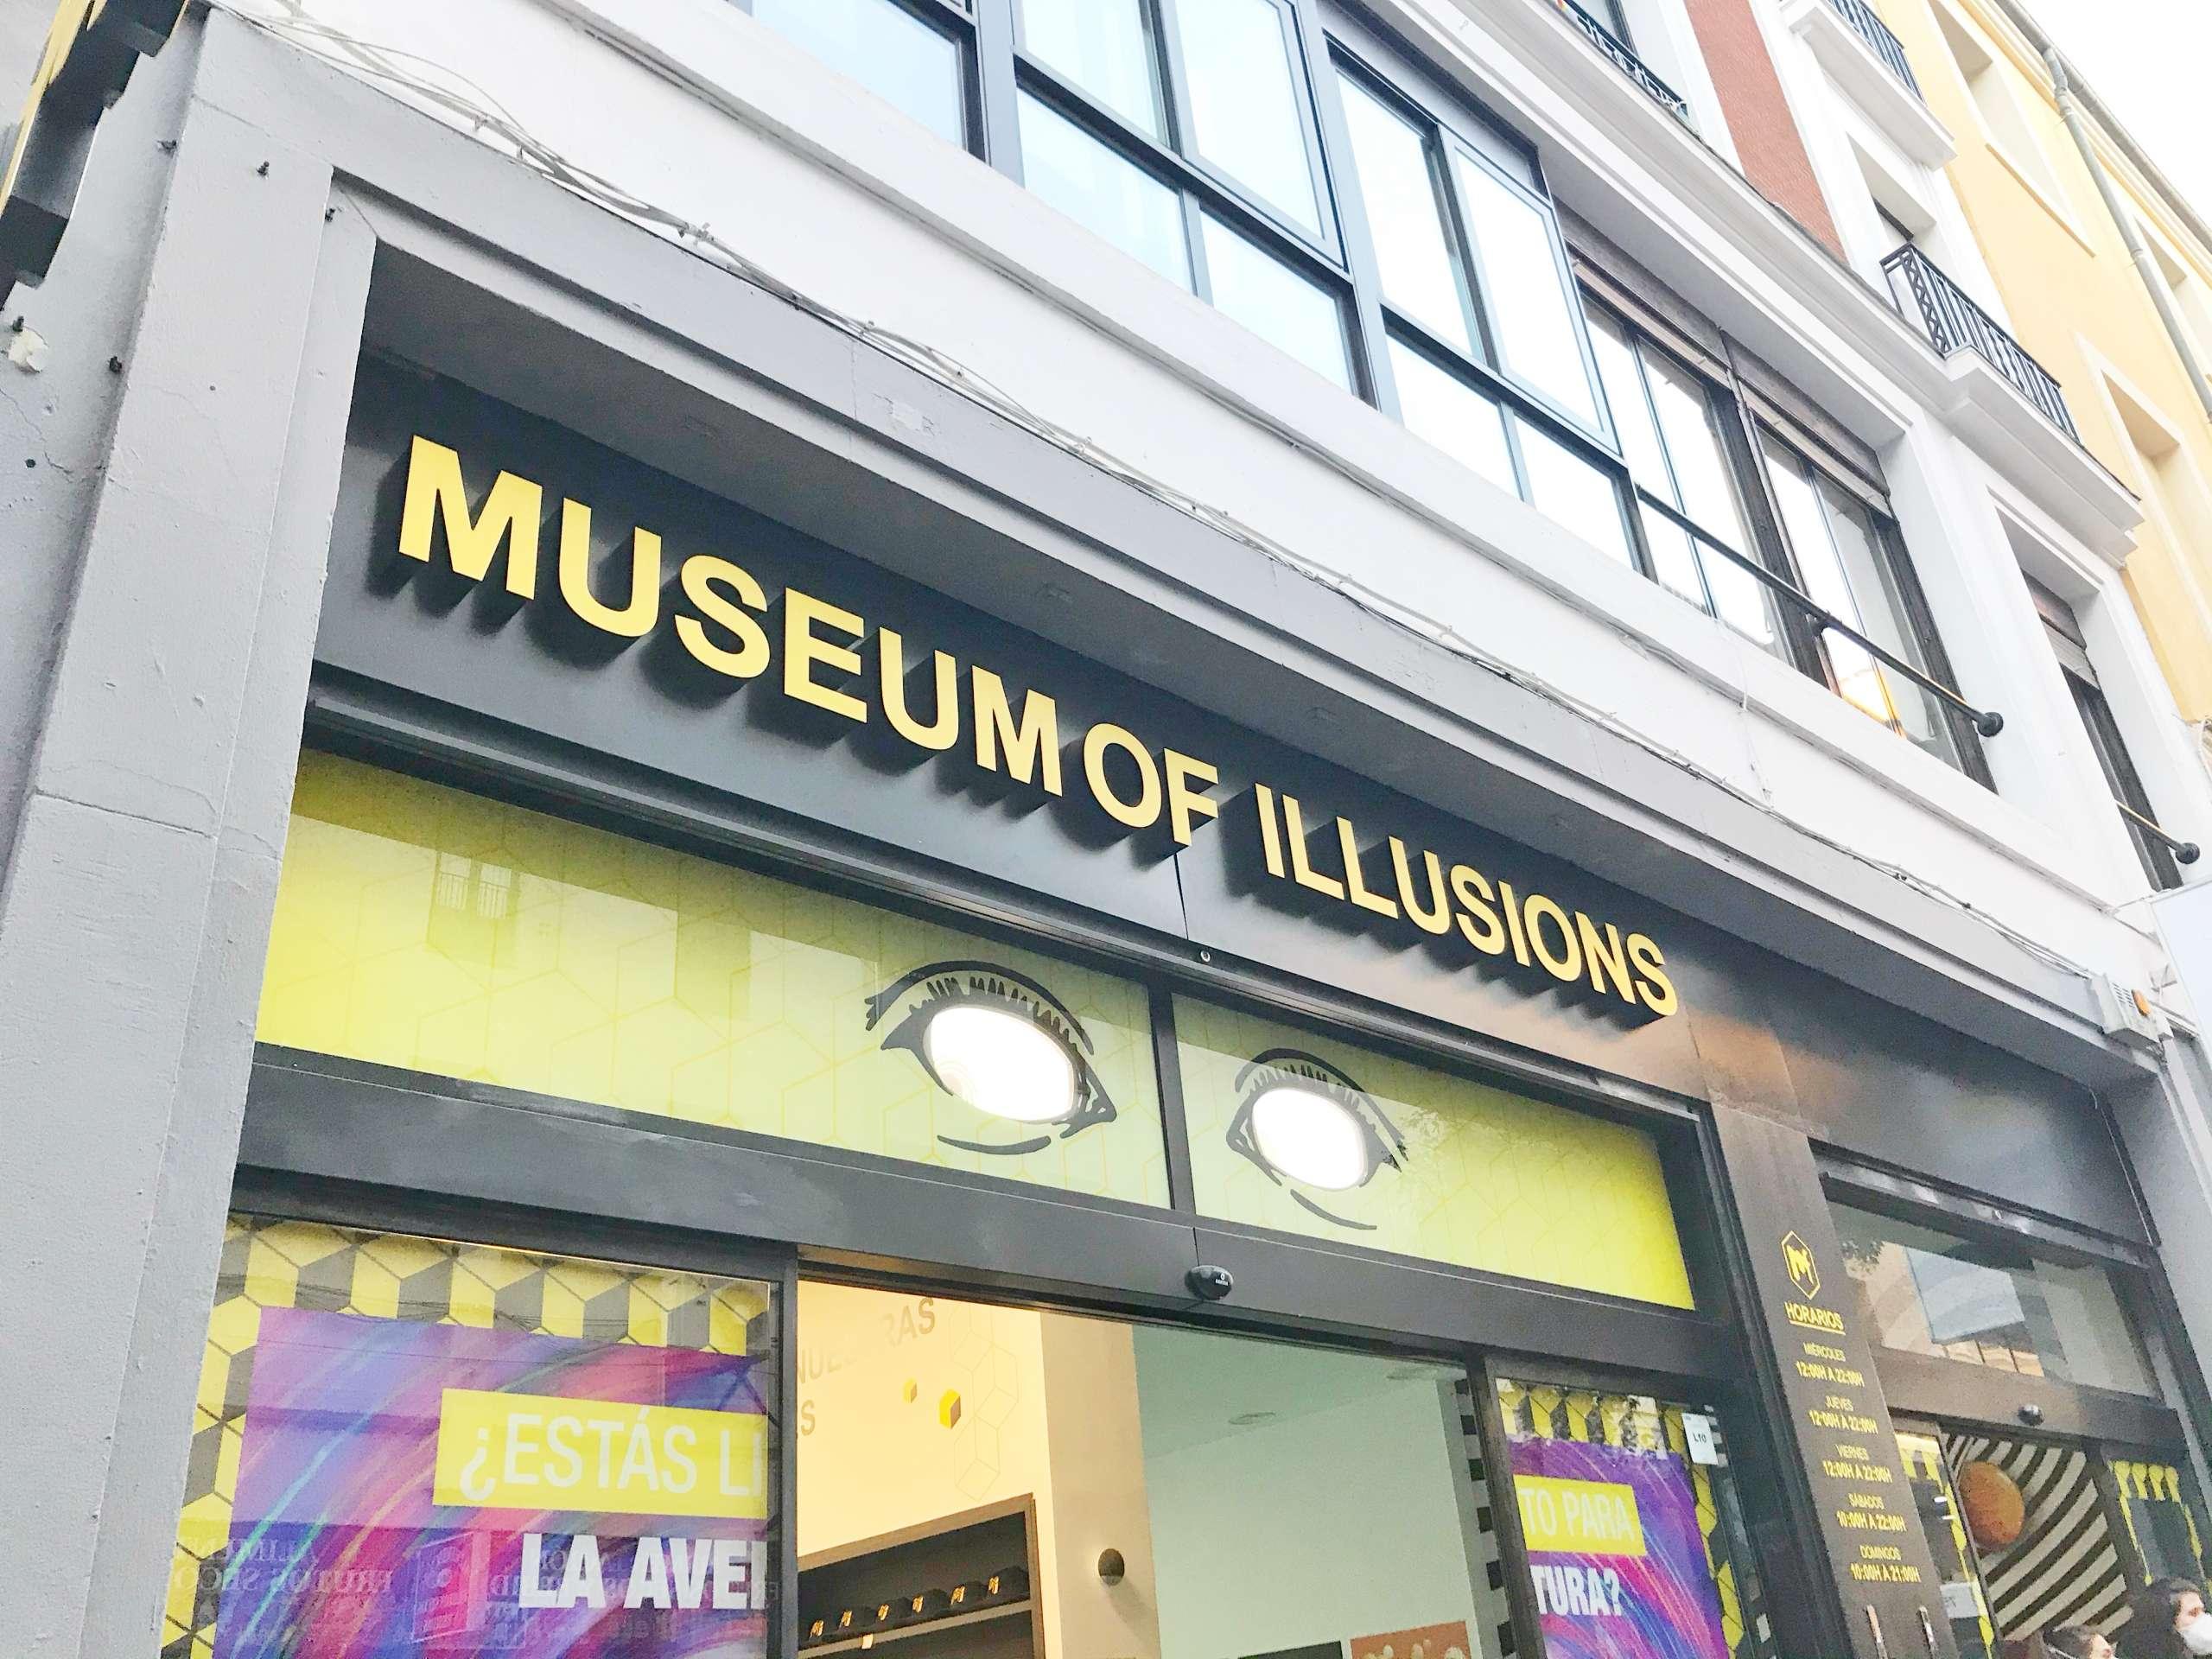 Museo de las ilusiones de Madrid